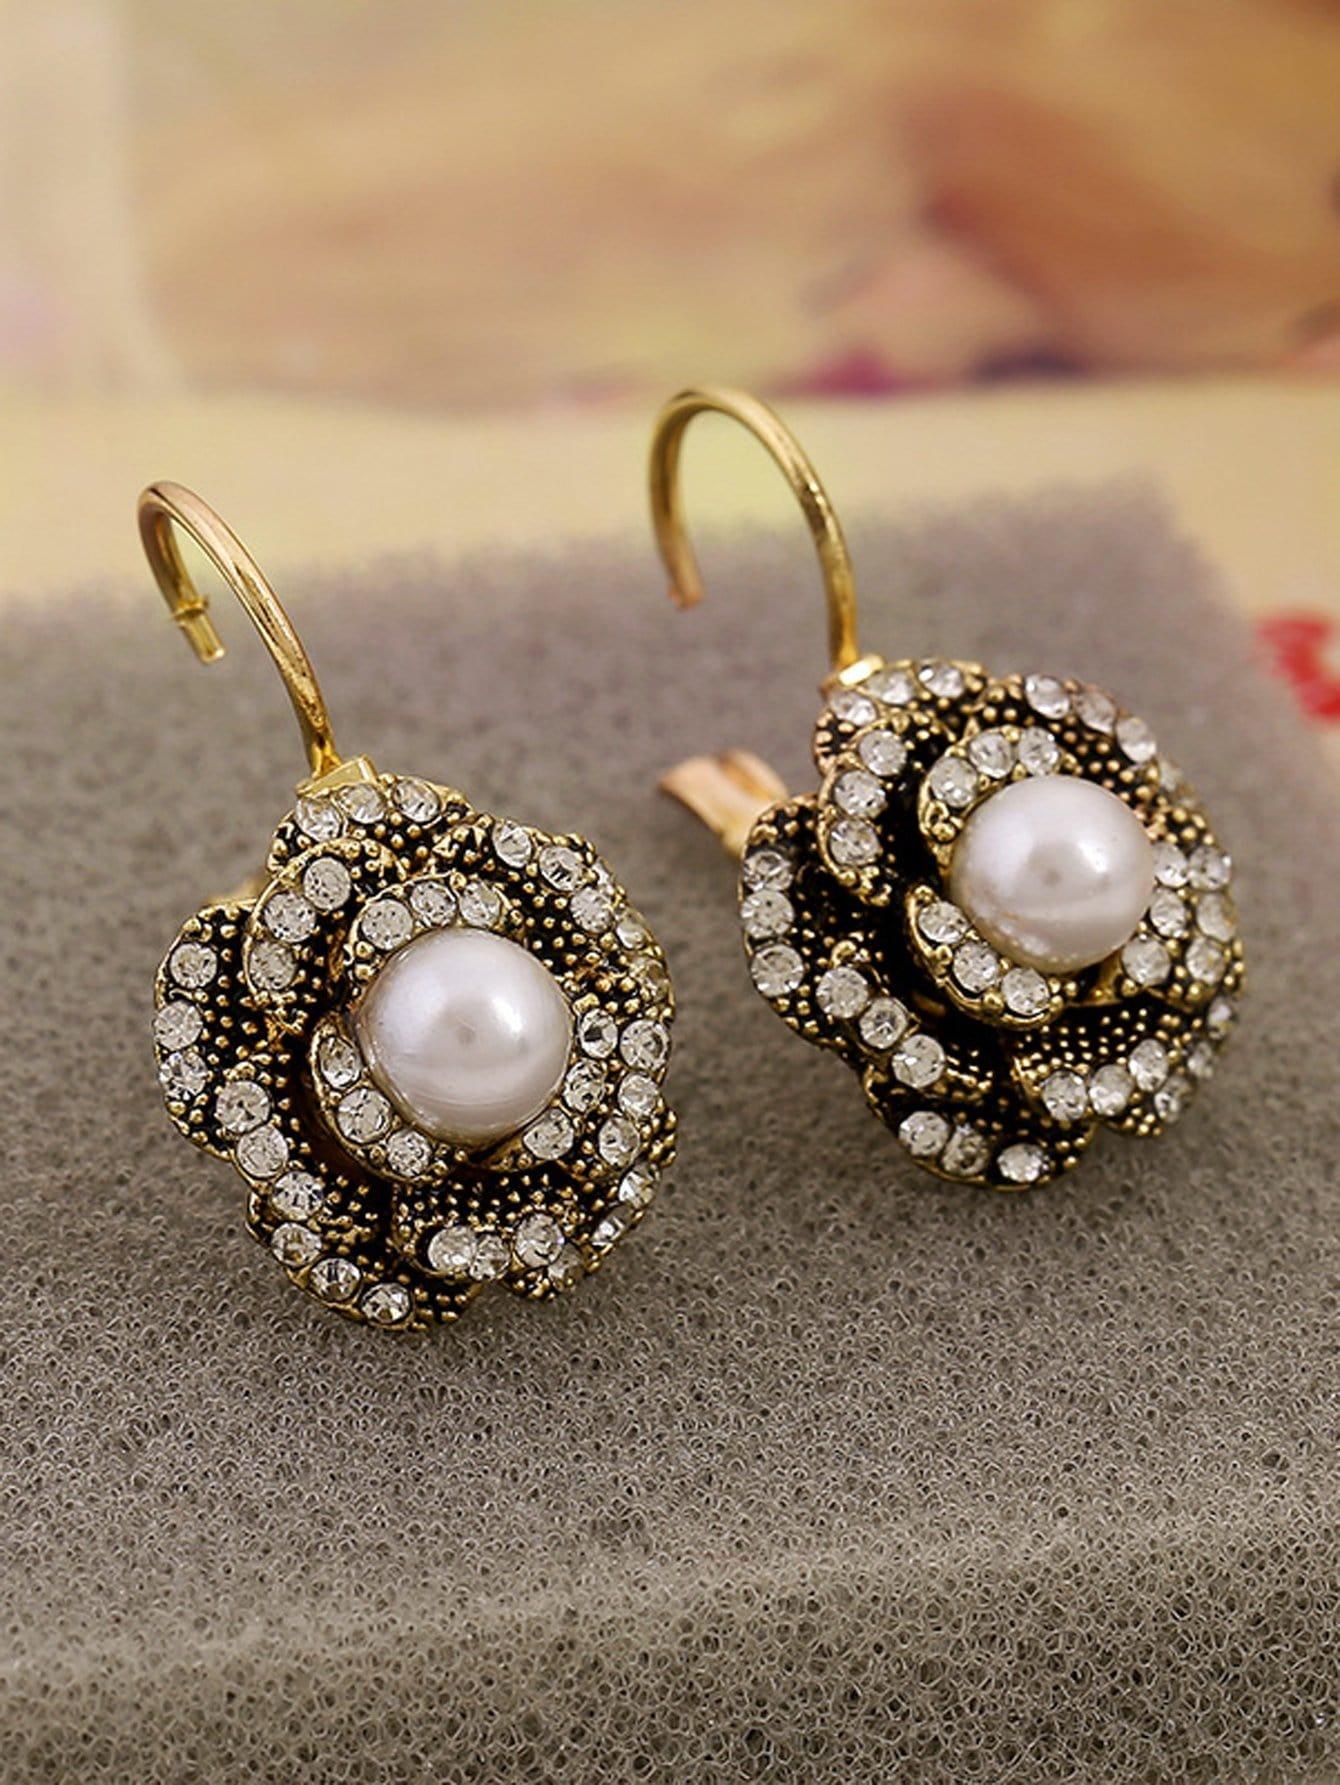 Rhinestone Flower Clip On Earrings yoursfs clip on earrings crystal rhinestone silver plated teardrop pear shaped dangle clip earrings